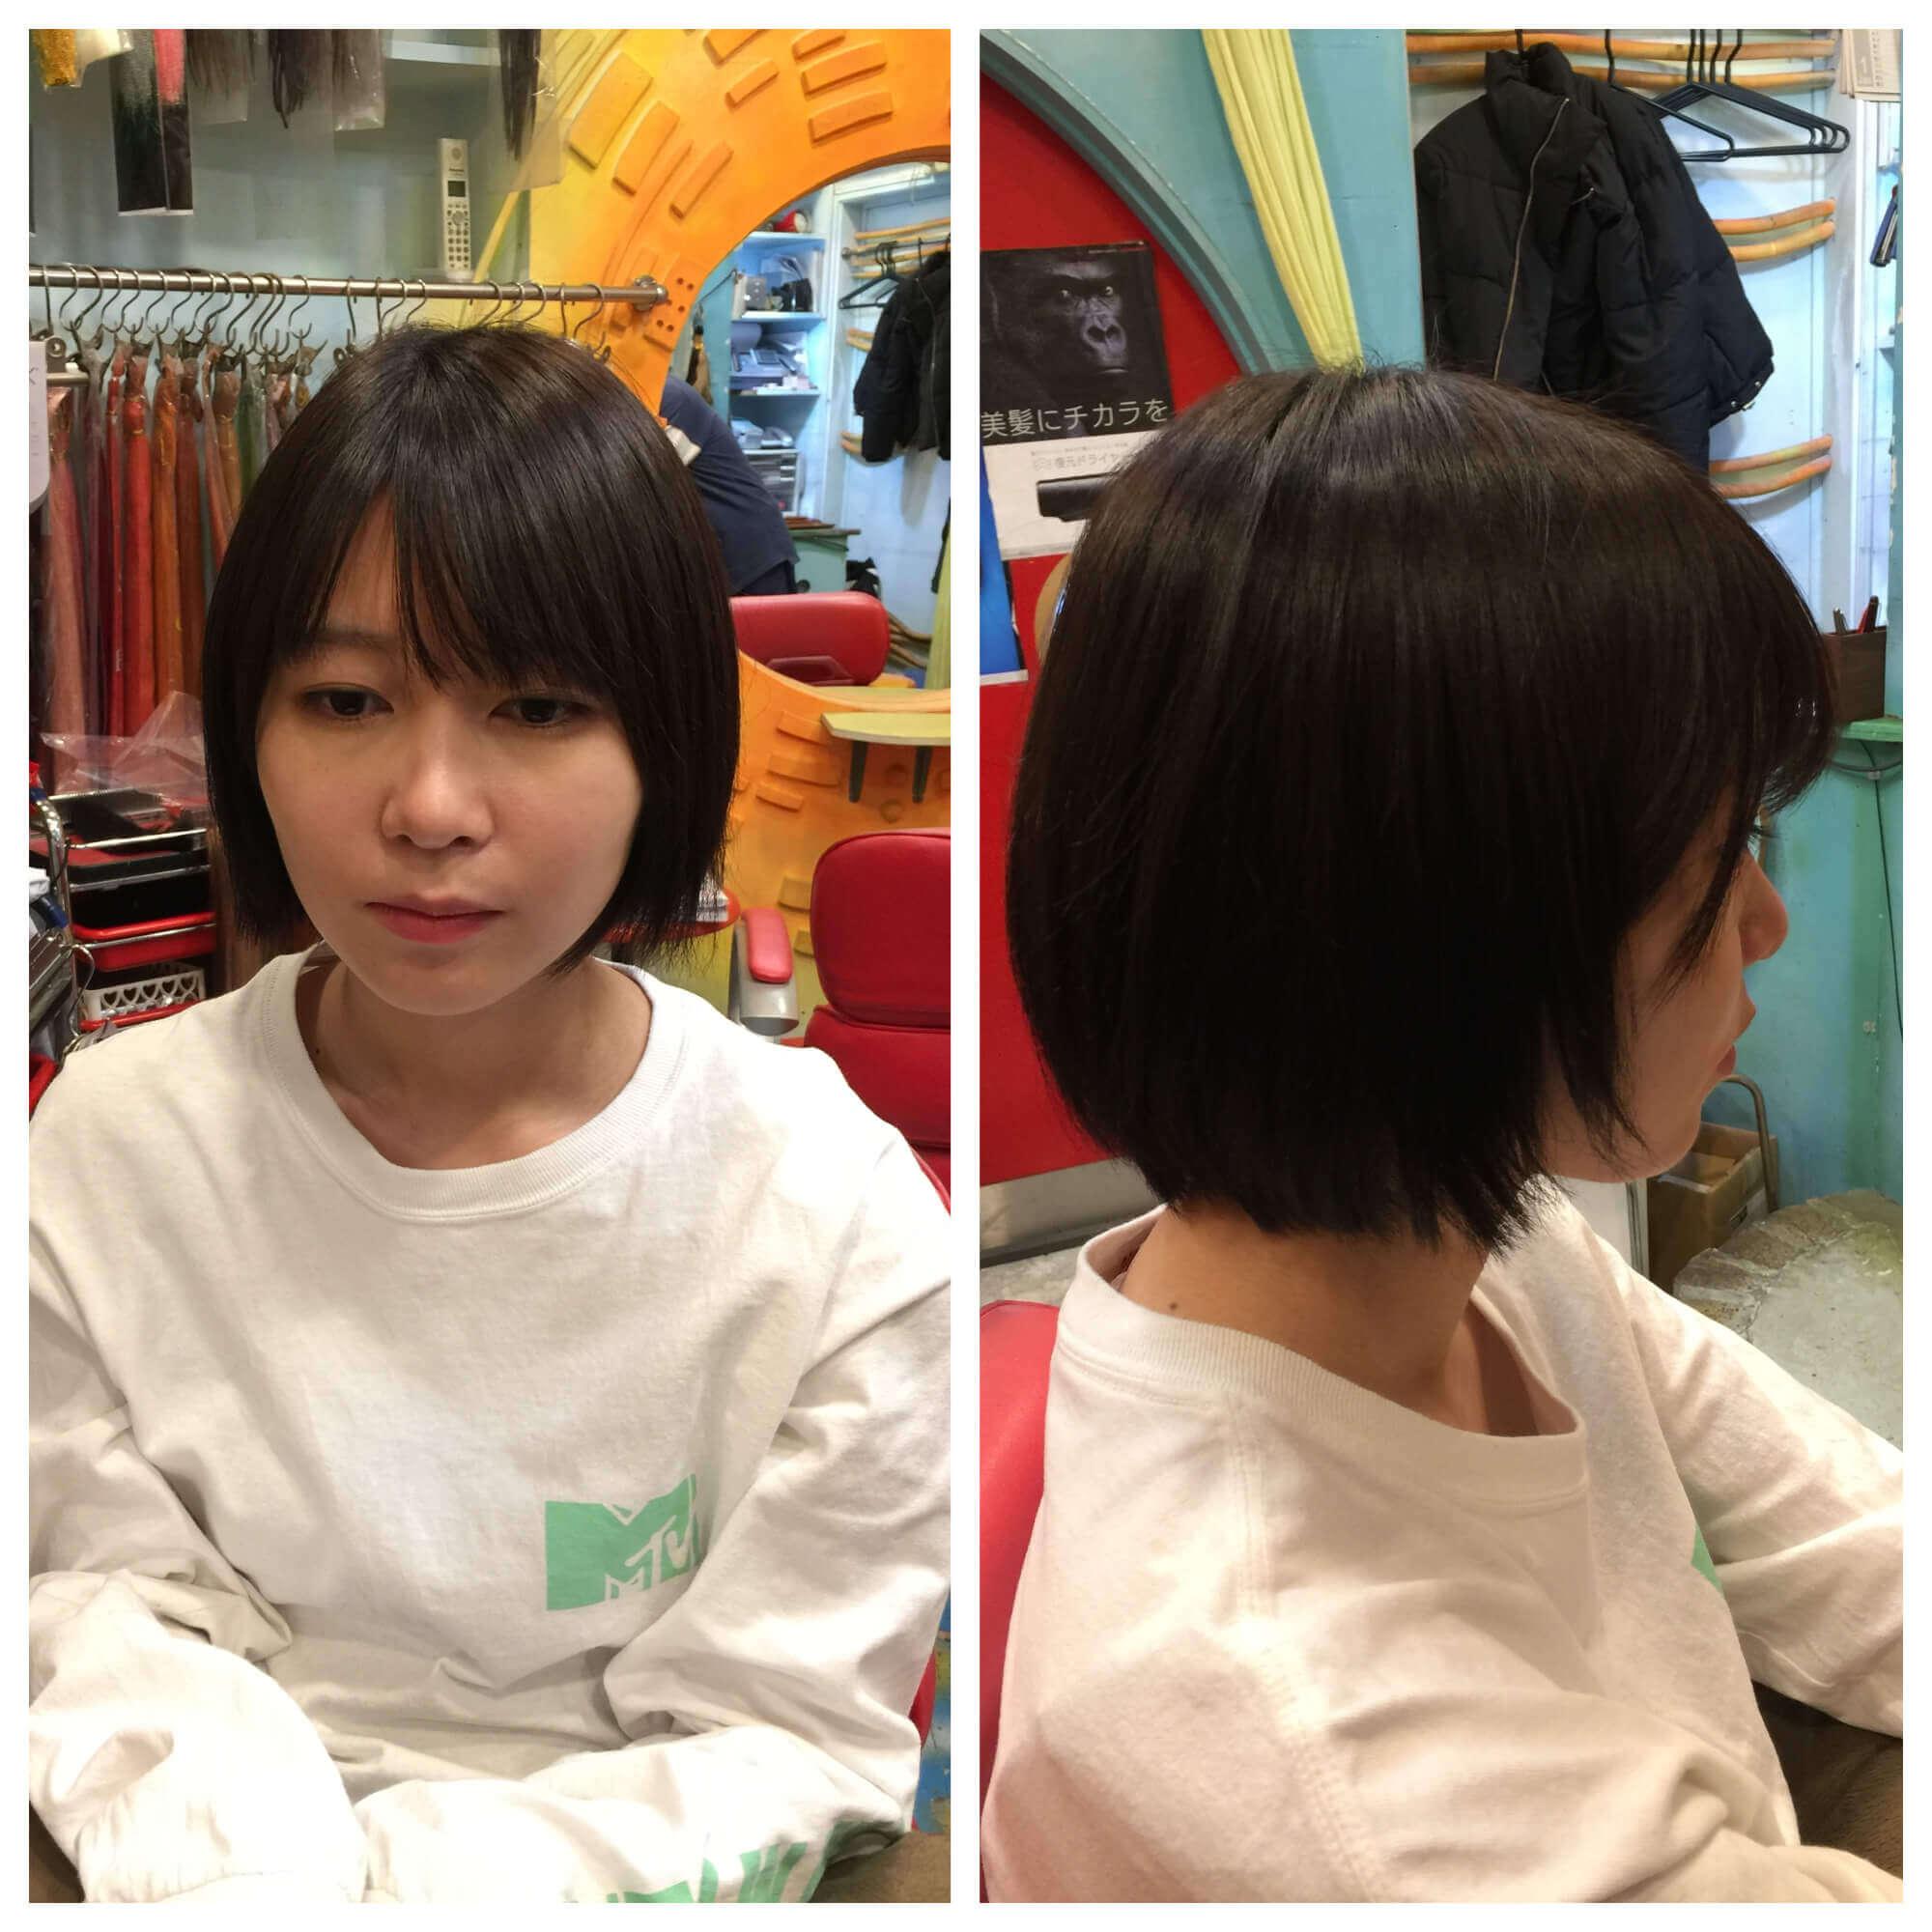 日本一馴染むエクステ専門店セクション Before & After ボブからインナーカラーでロング Before